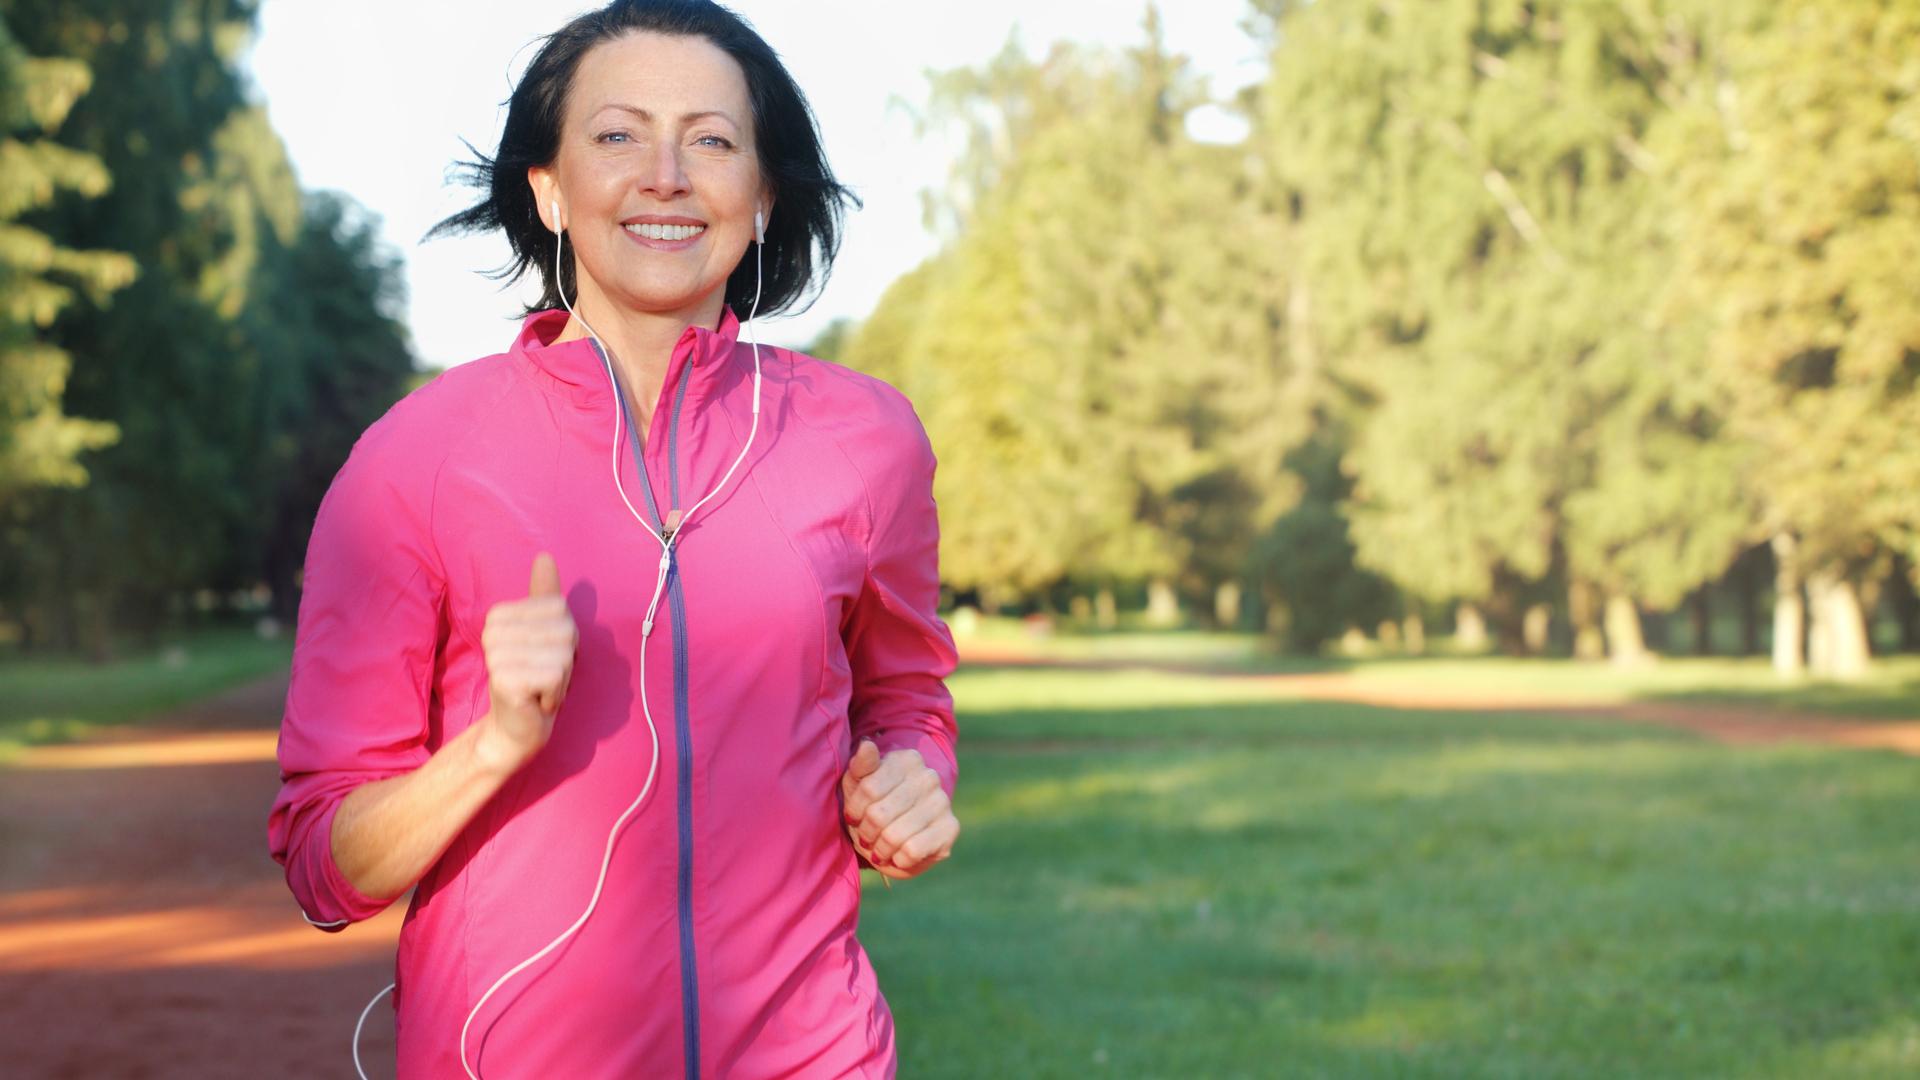 actividad fisica y salud